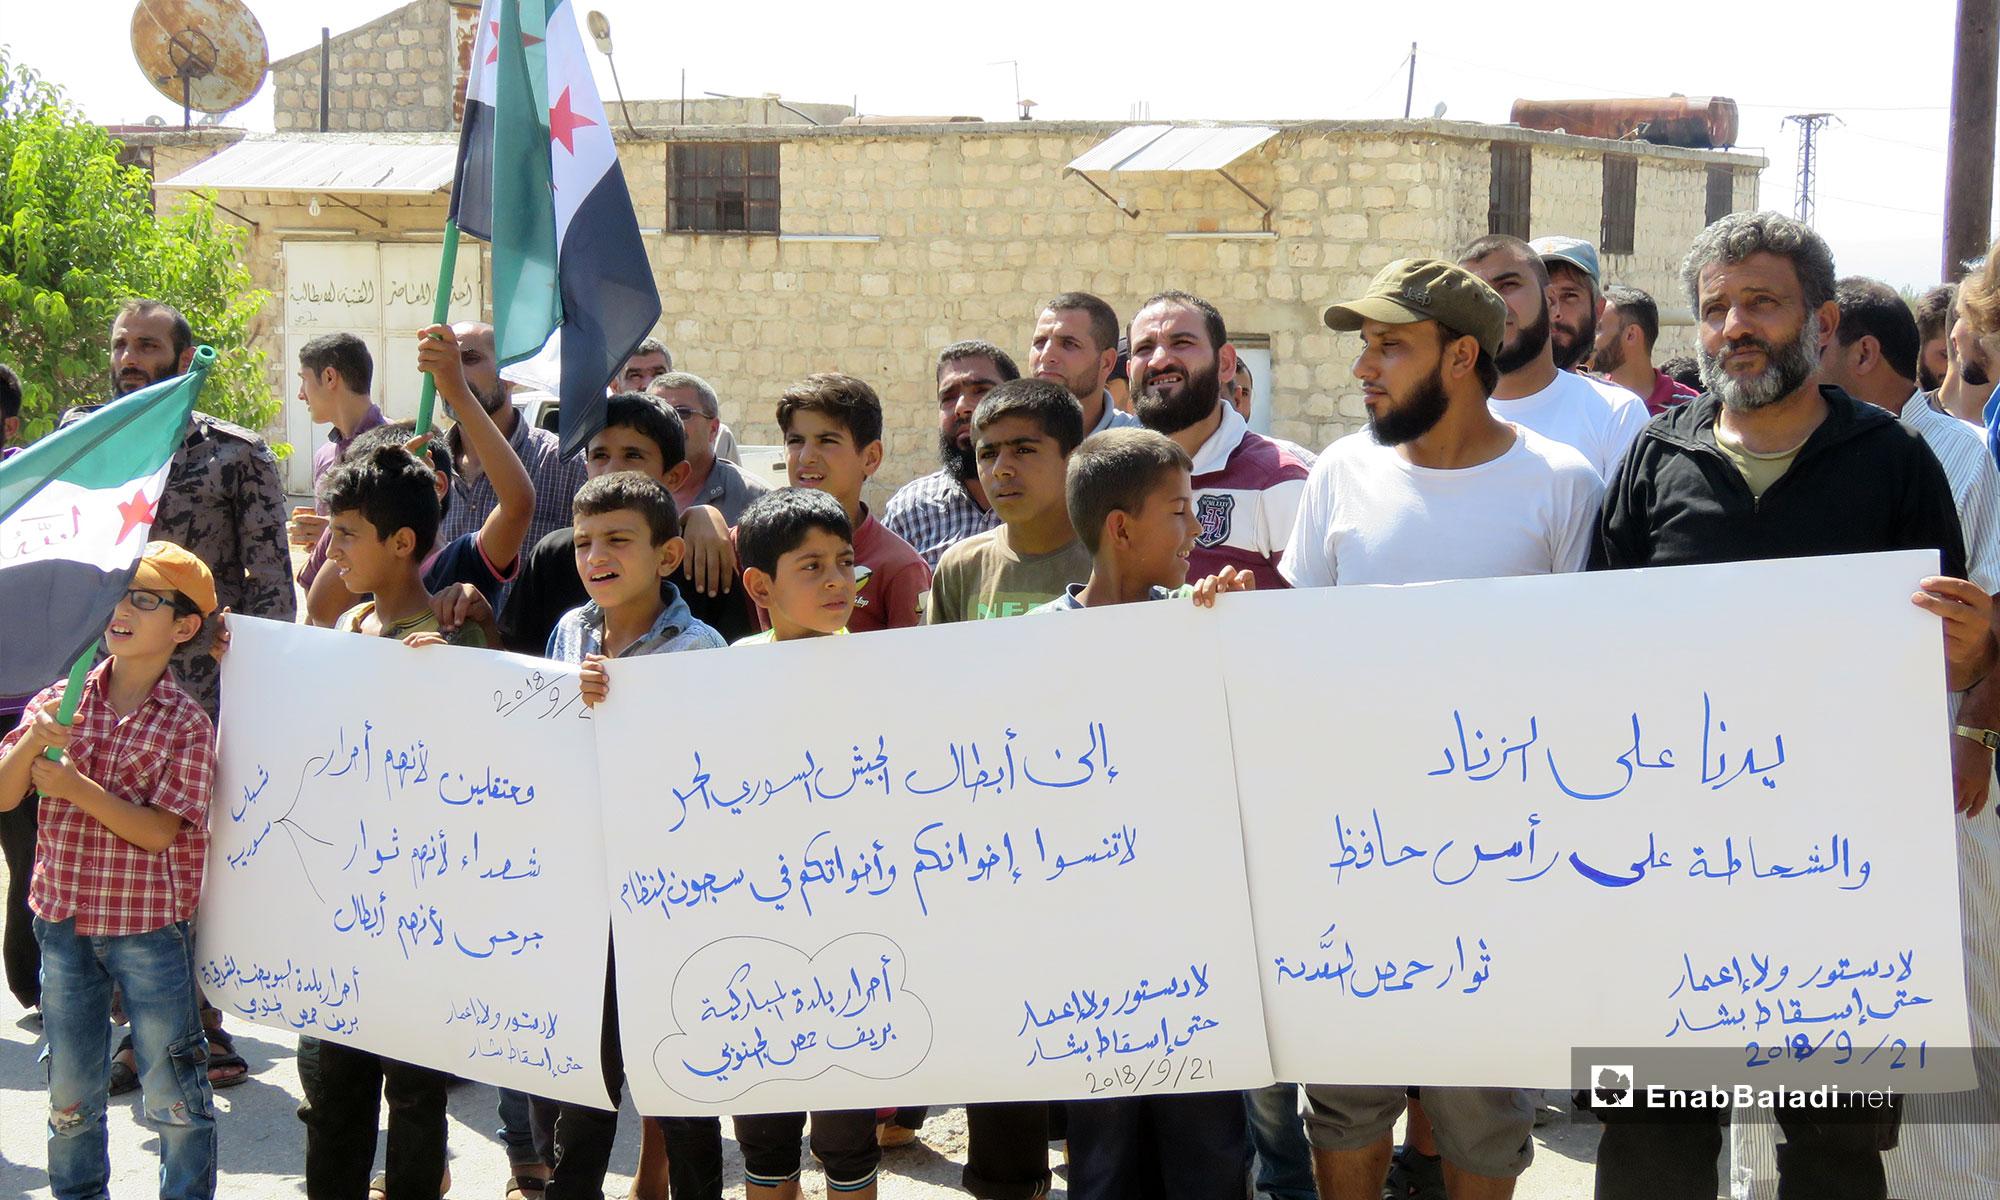 مظاهرات تطالب بتجديد الثورة والإفراج عن المعتقلين في مدينة عفرين - 21 من أيلول 2018 (عنب بلدي)